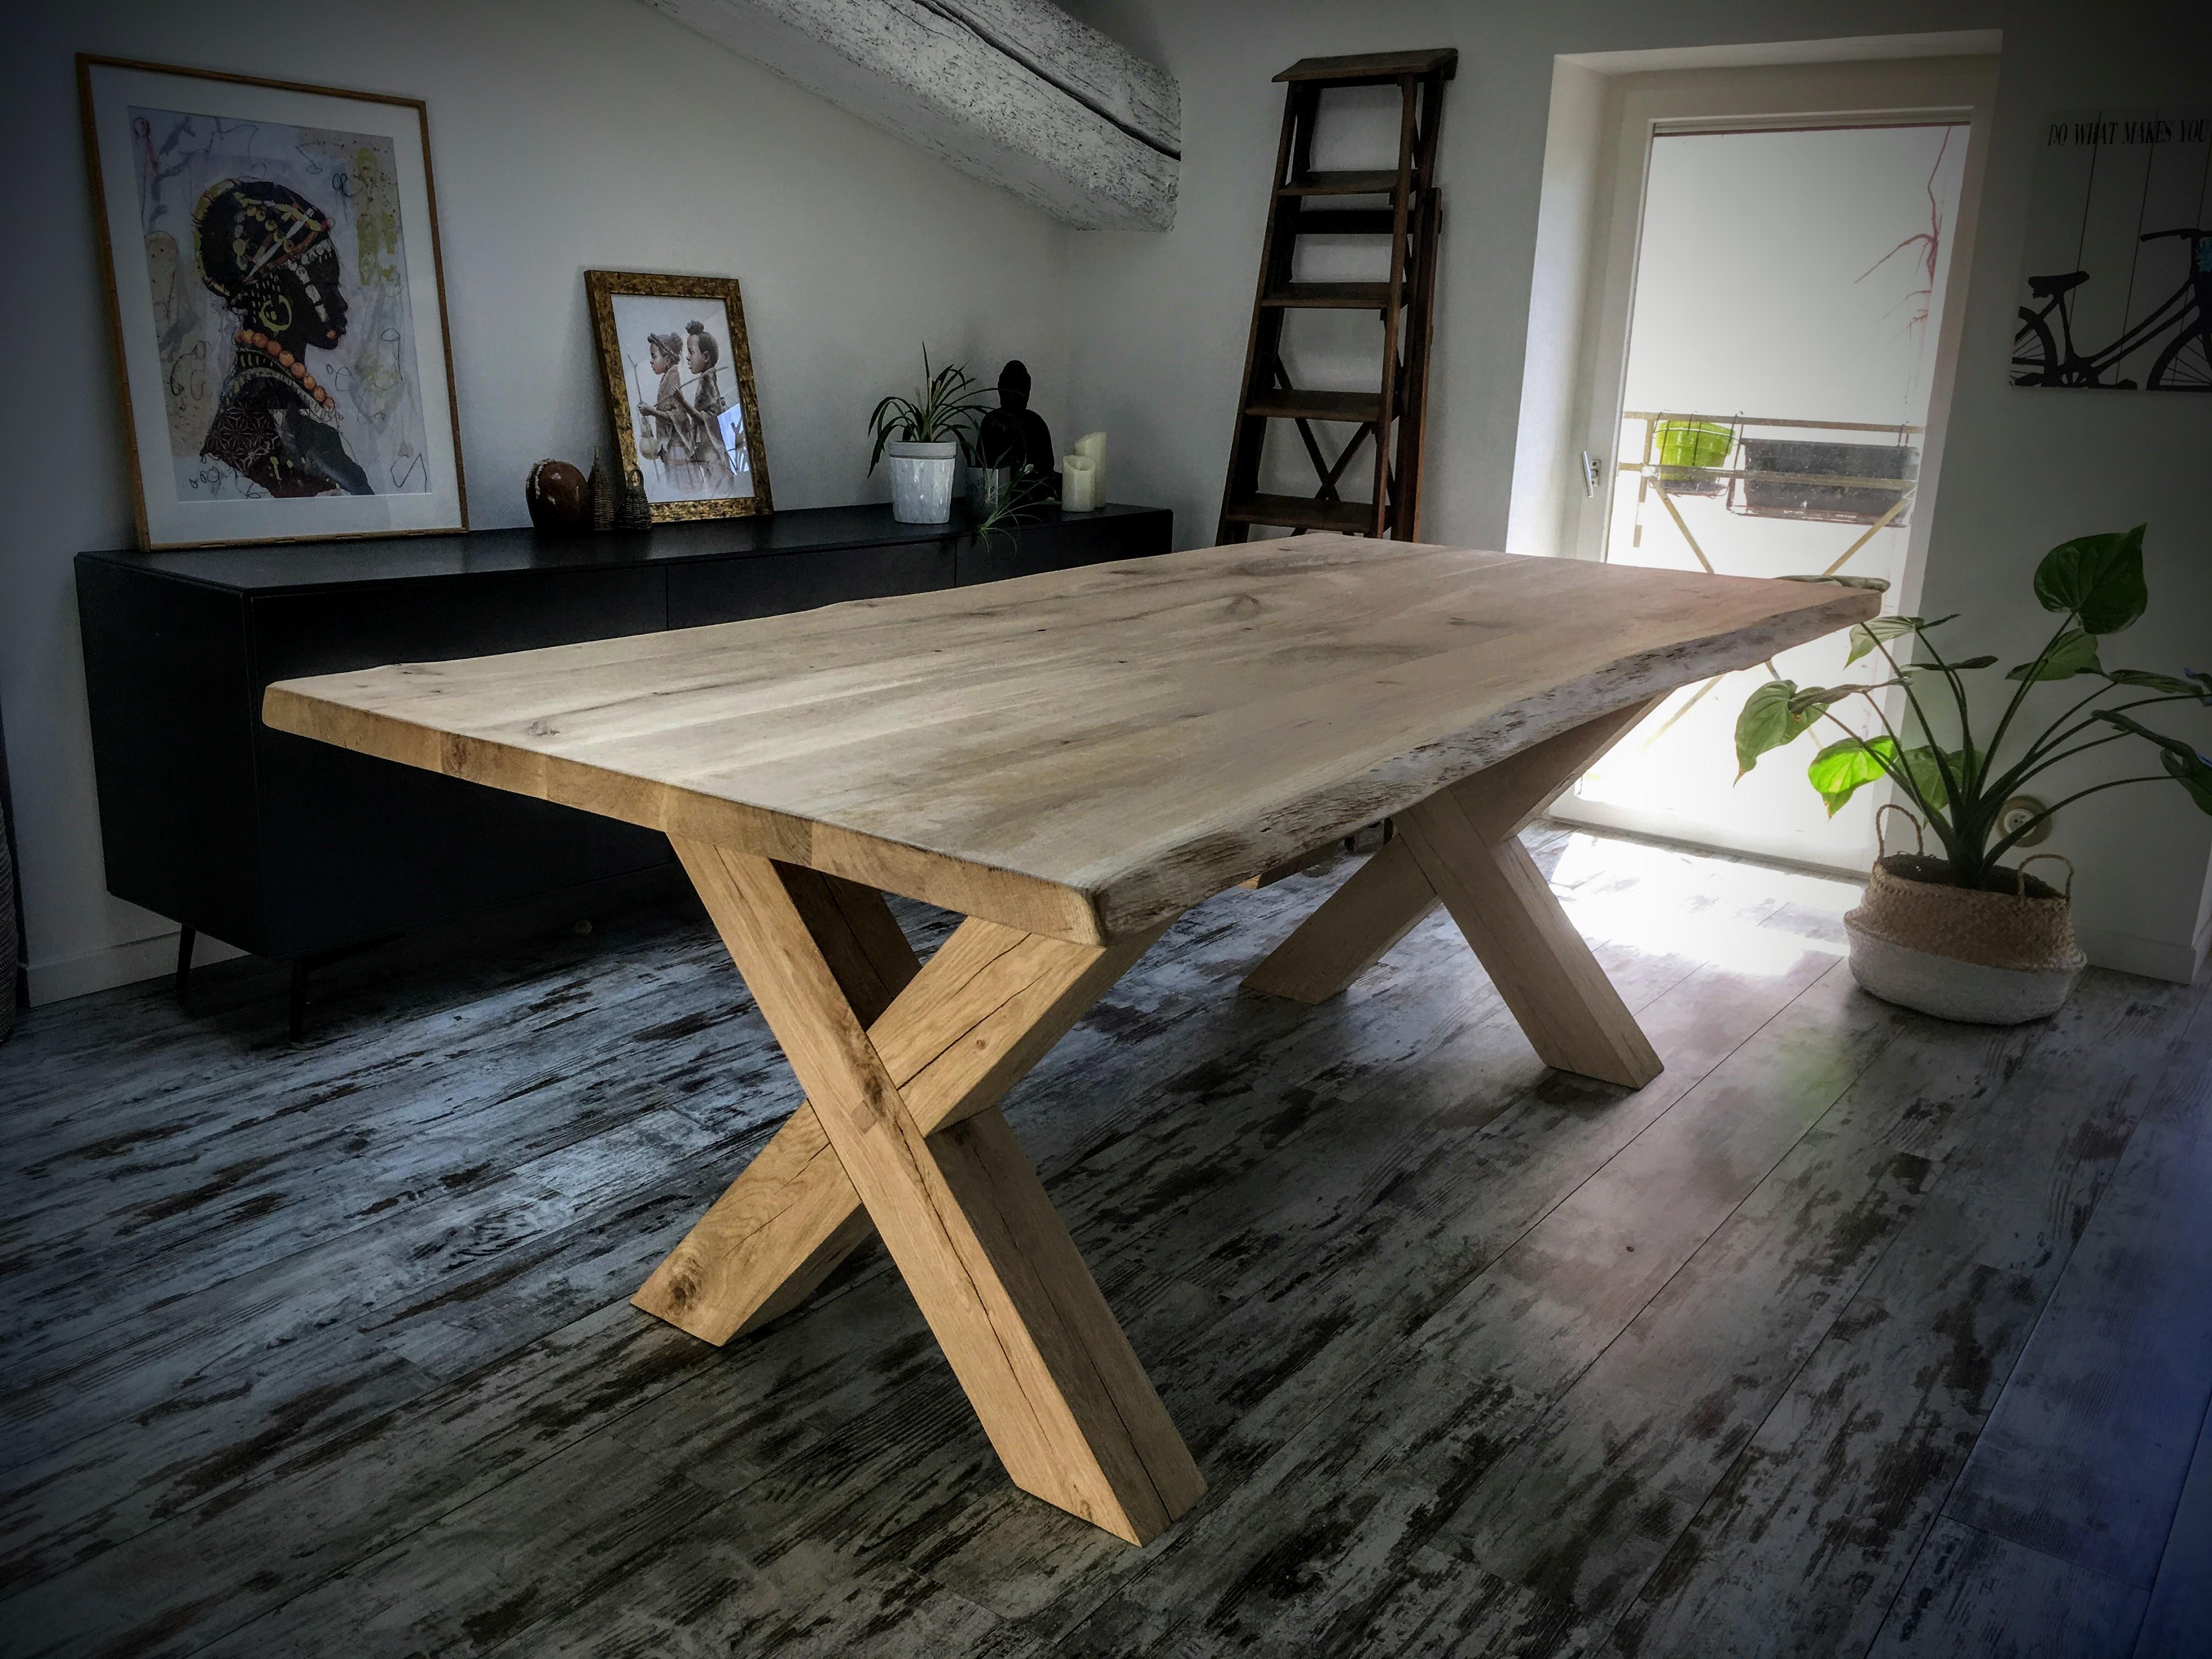 table scandinave avec pieds crois s enti rement en ch ne massif. Black Bedroom Furniture Sets. Home Design Ideas